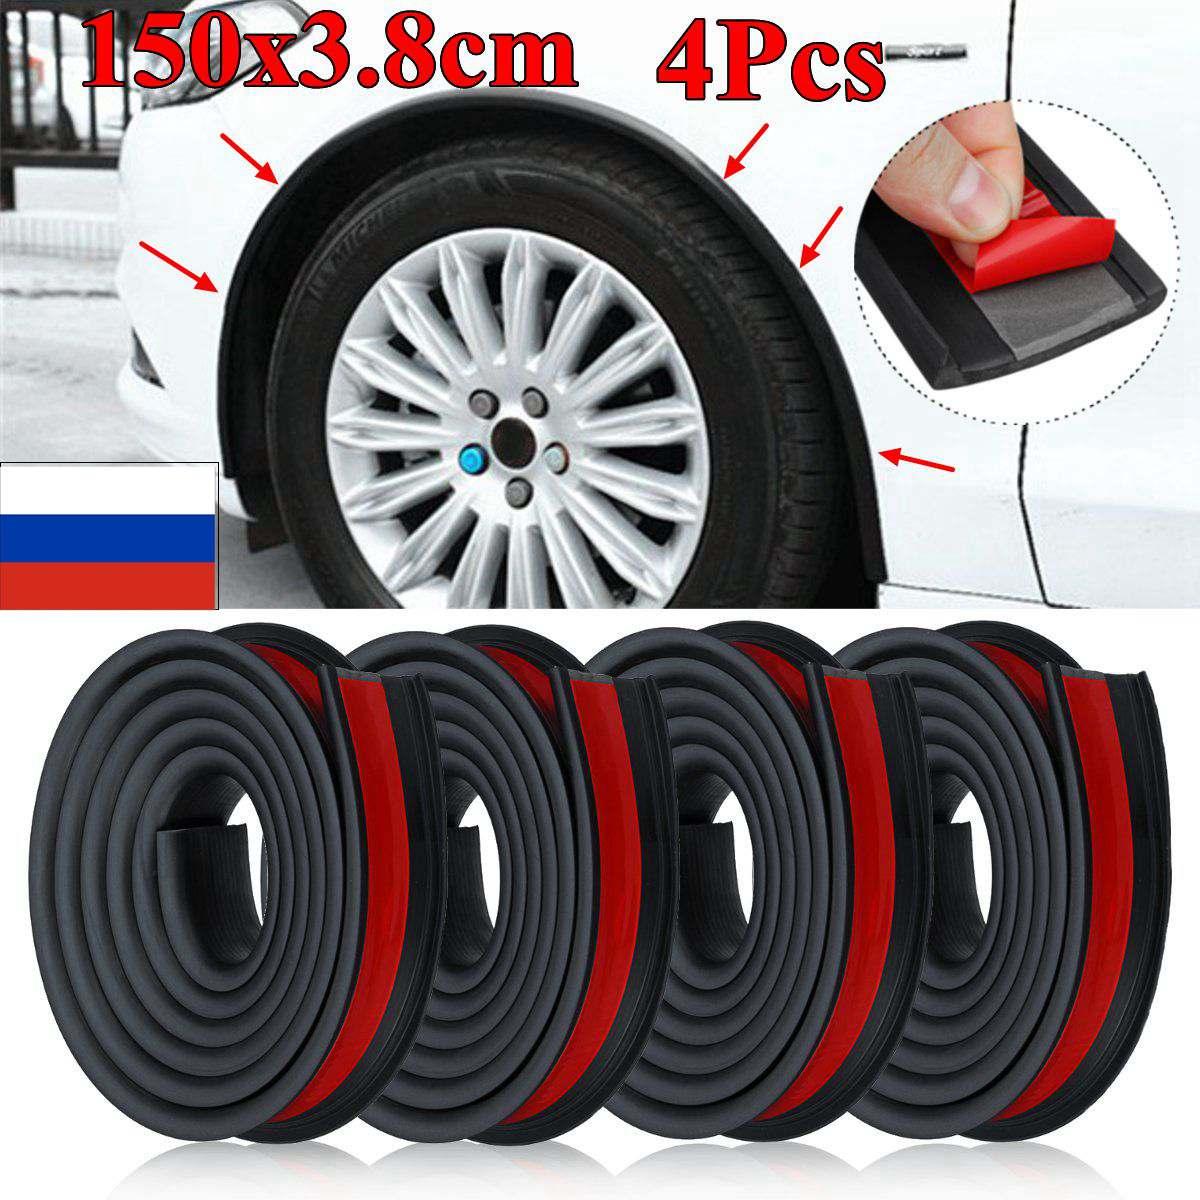 4 sztuk 1.5M x 3.8CM uniwersalna guma samochodów nadkole ochrony listwy antykolizyjnej błotnik ochrona kół samochodu koła naklejki